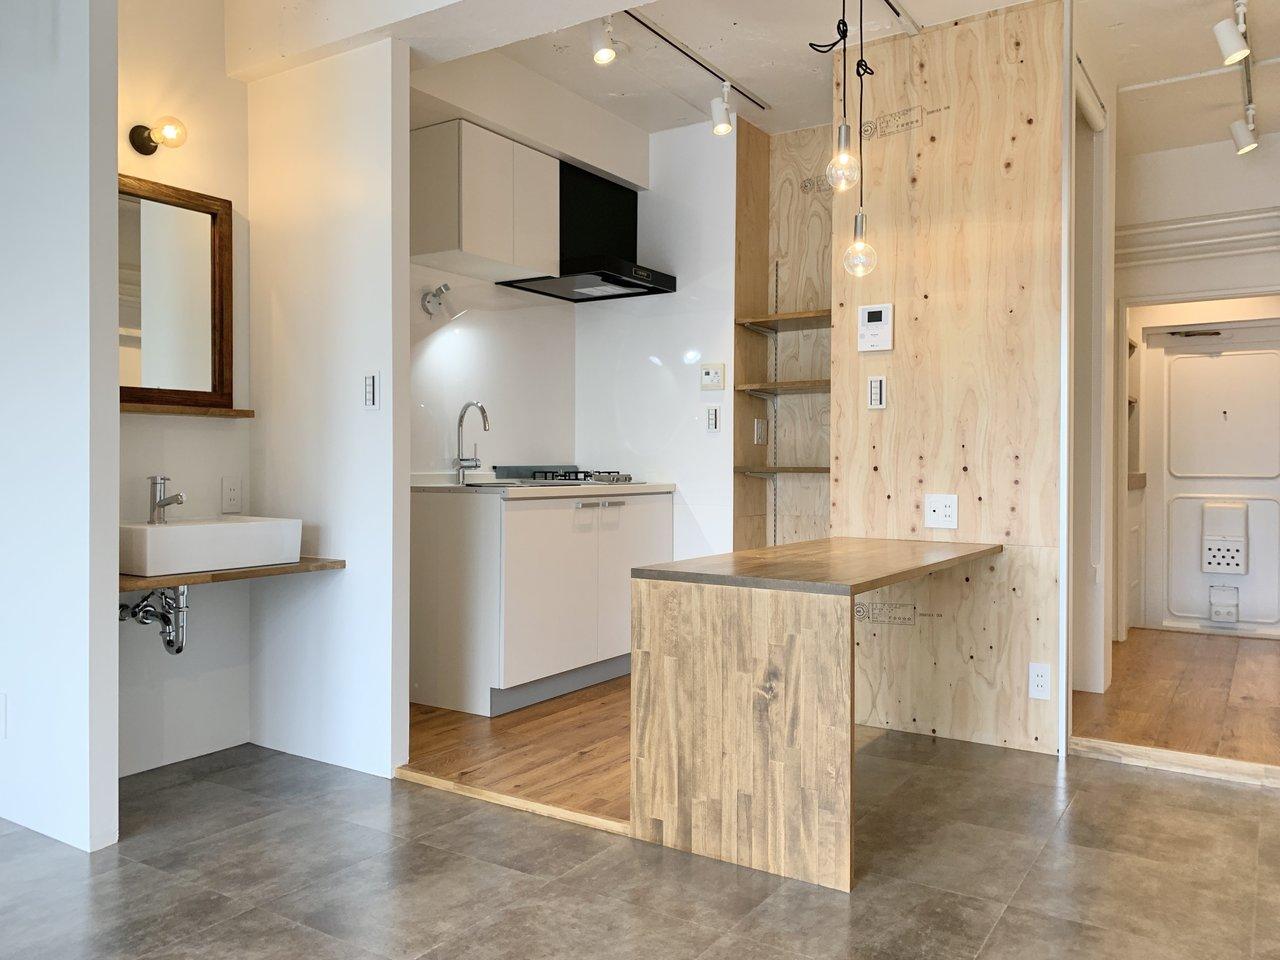 開放感のある11畳もある、広々ワンルーム。お部屋の中央にある、木でできたカウンターが印象的です。